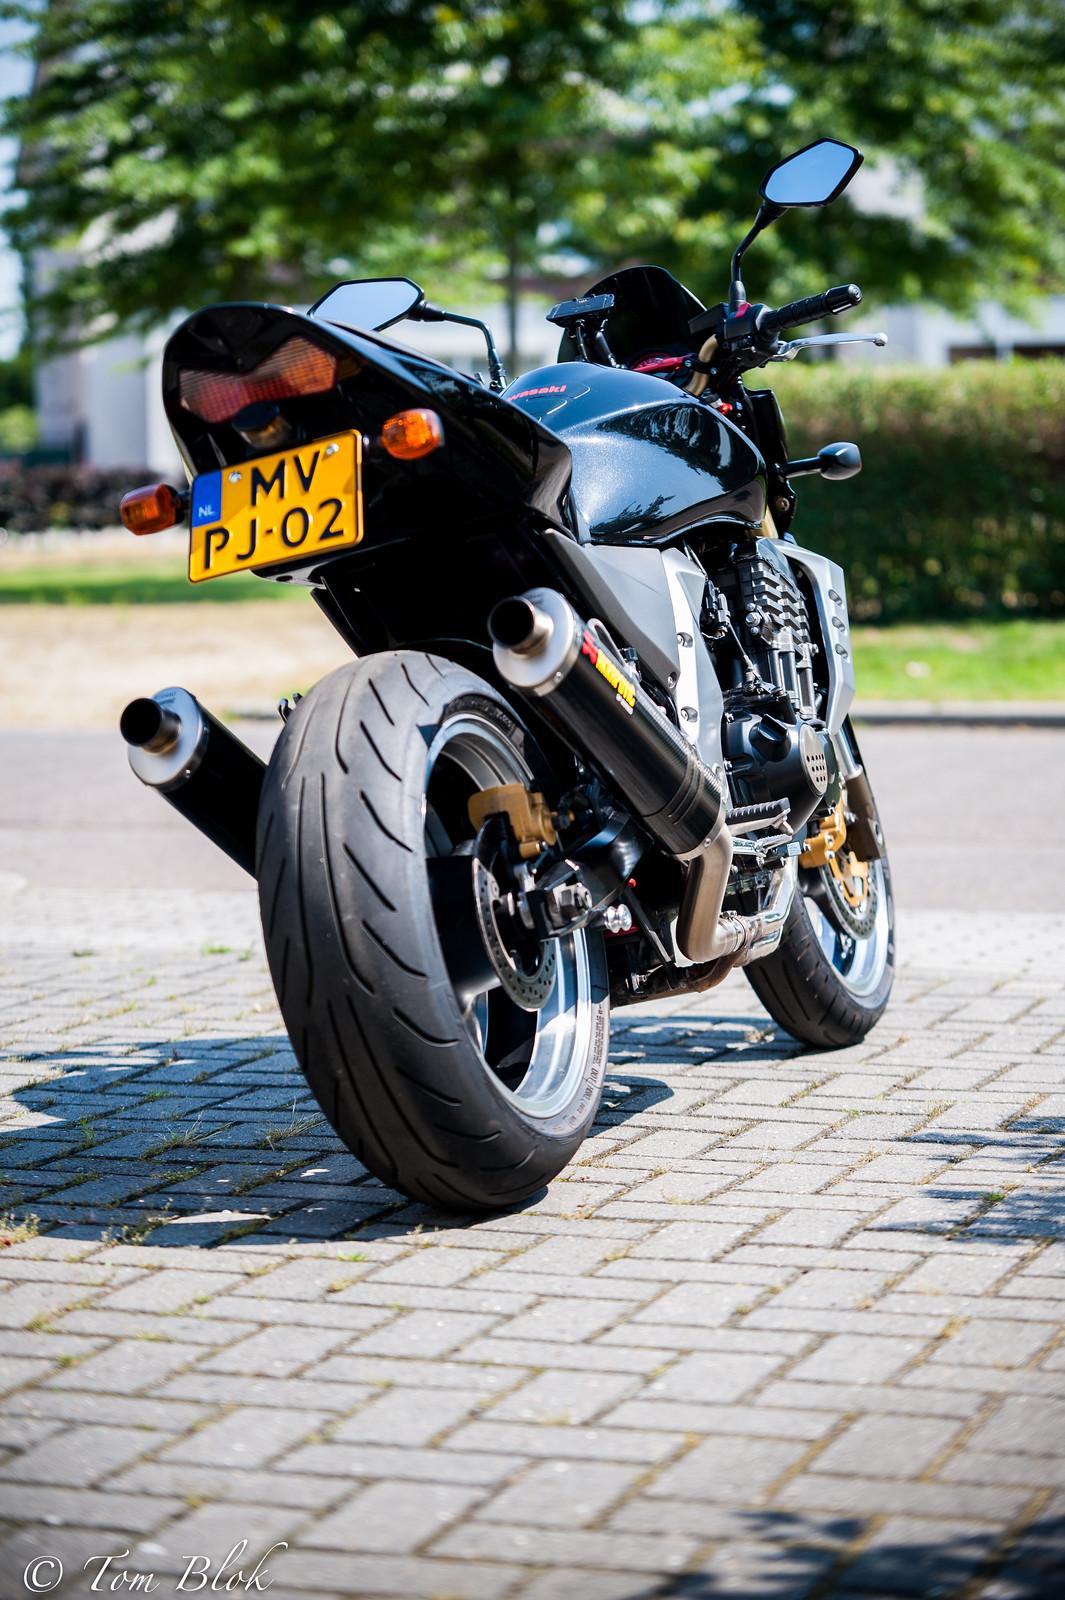 Kawasaki Z1000 Z750[s] Plaza #64 - Naked bikes - Motor-Forum